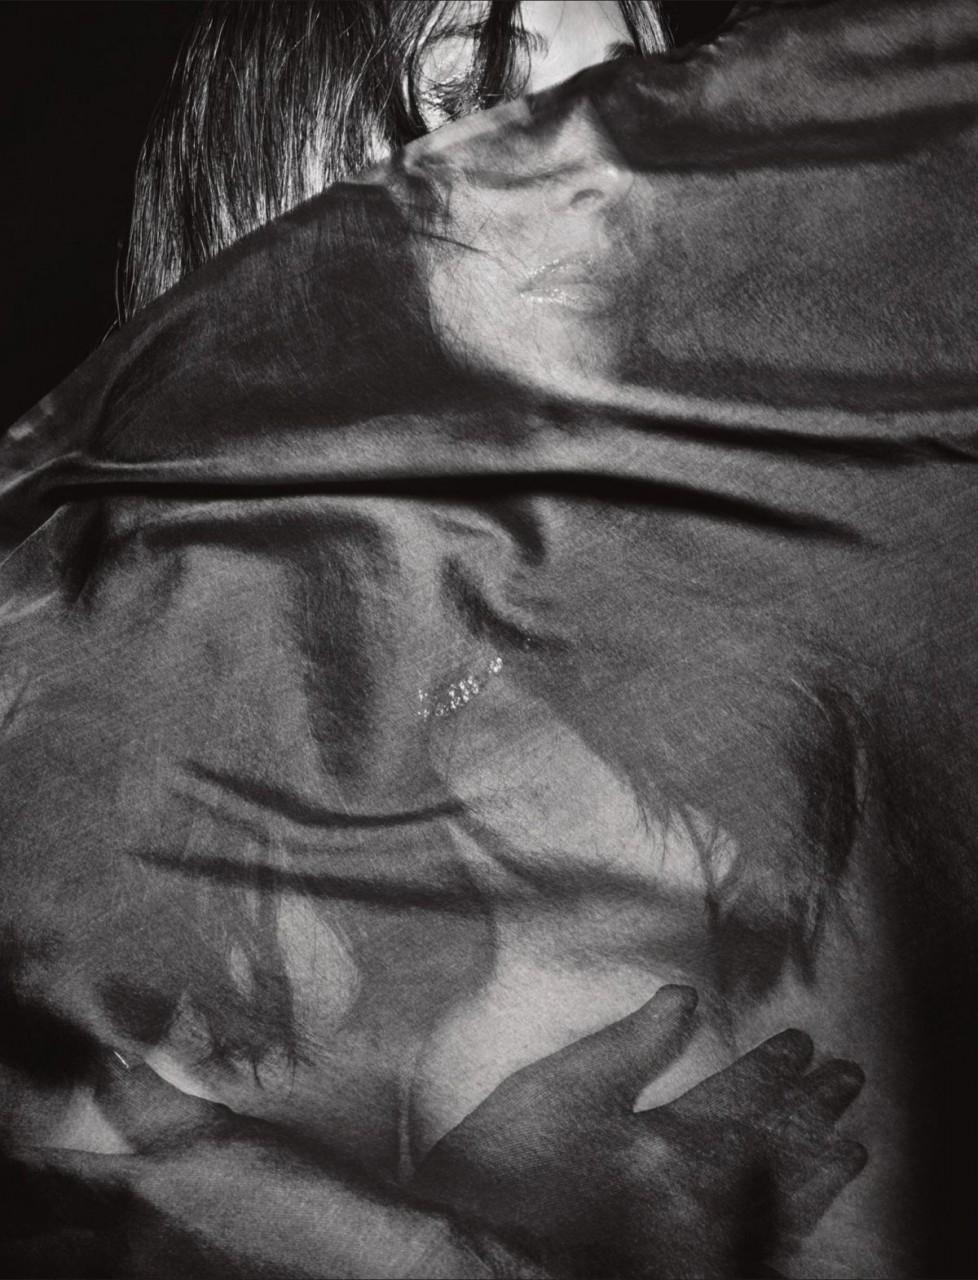 51-летняя Моника Белуччи снялась в откровенной фотосессии моника белуччи, фотосессия